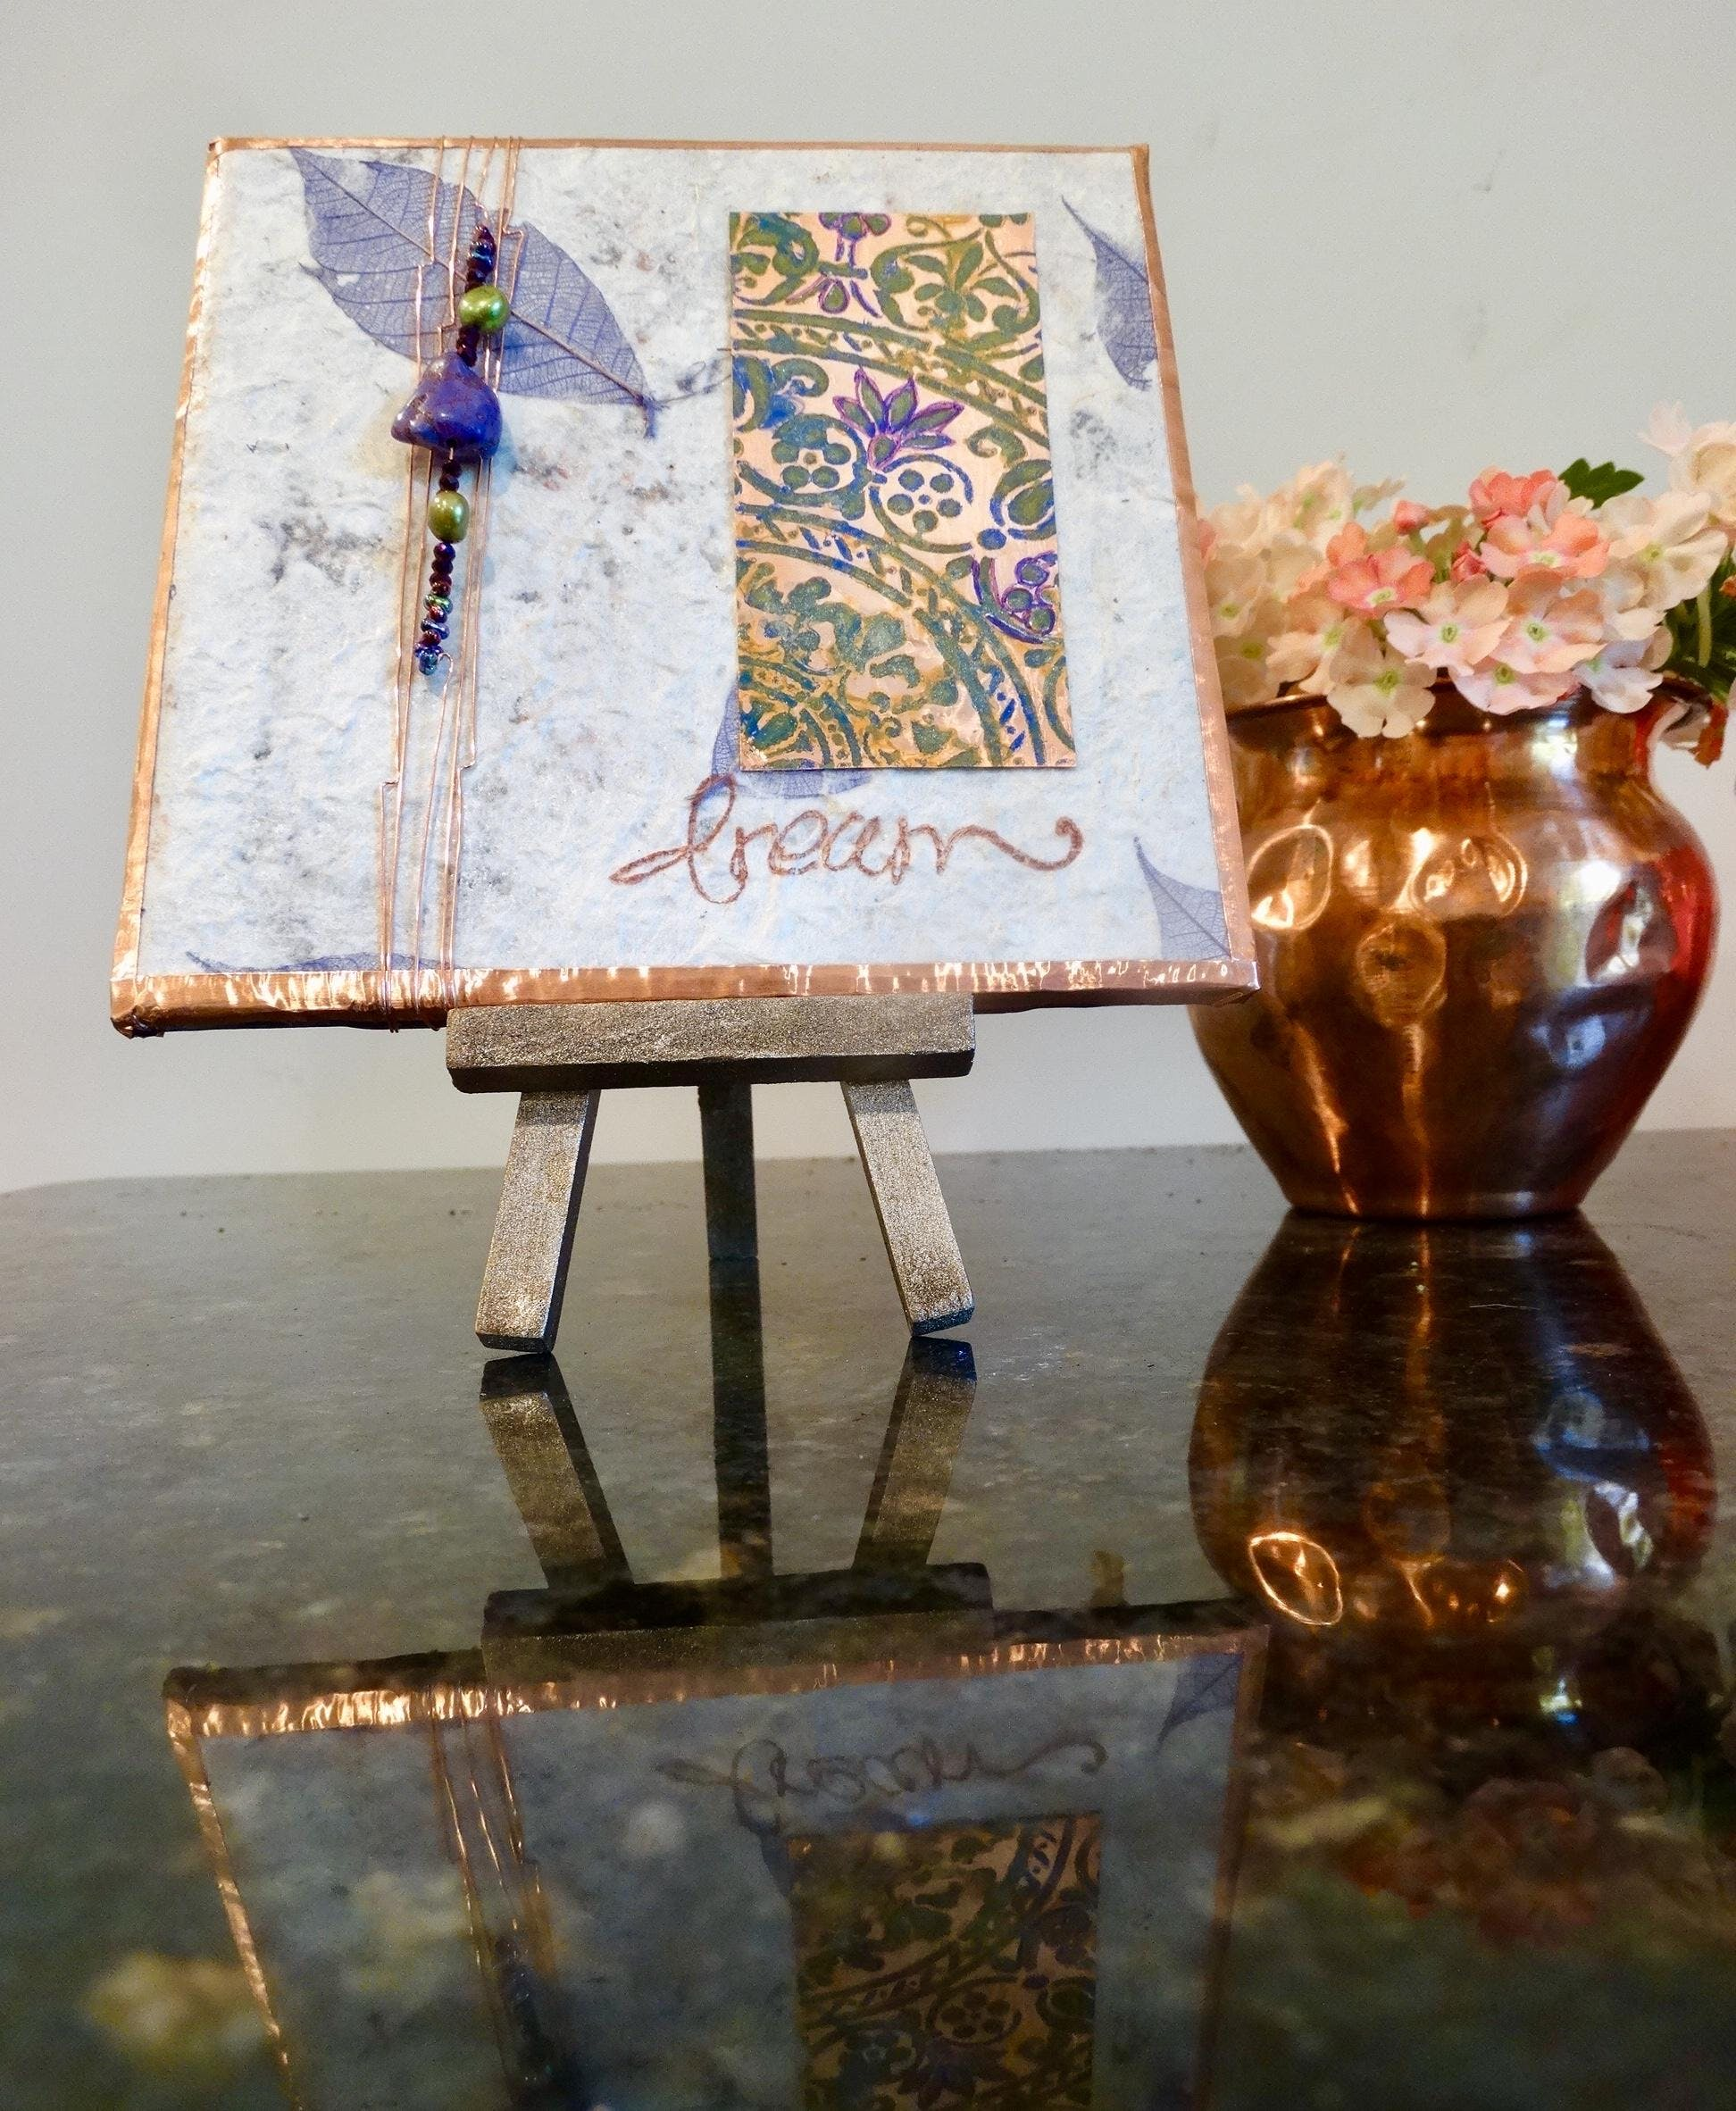 Tile & Copper Mixed Media Artshop! Includes a